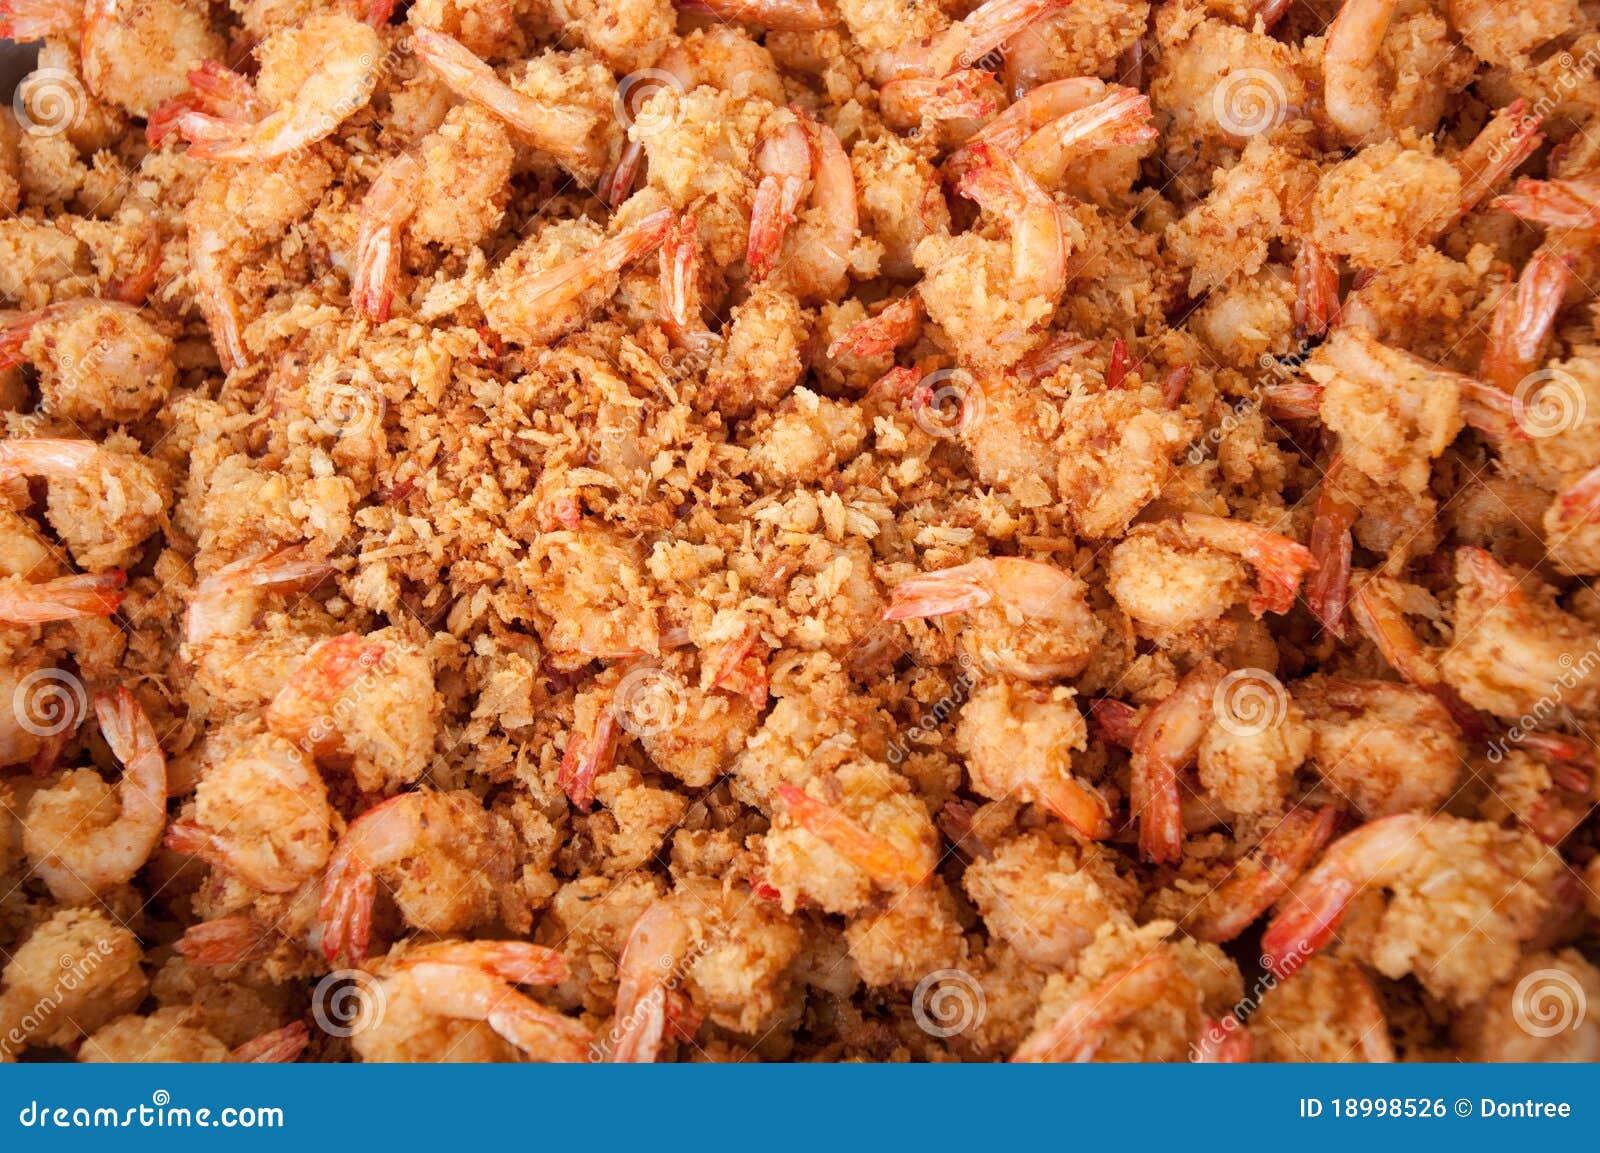 Deep-fried-shrimp